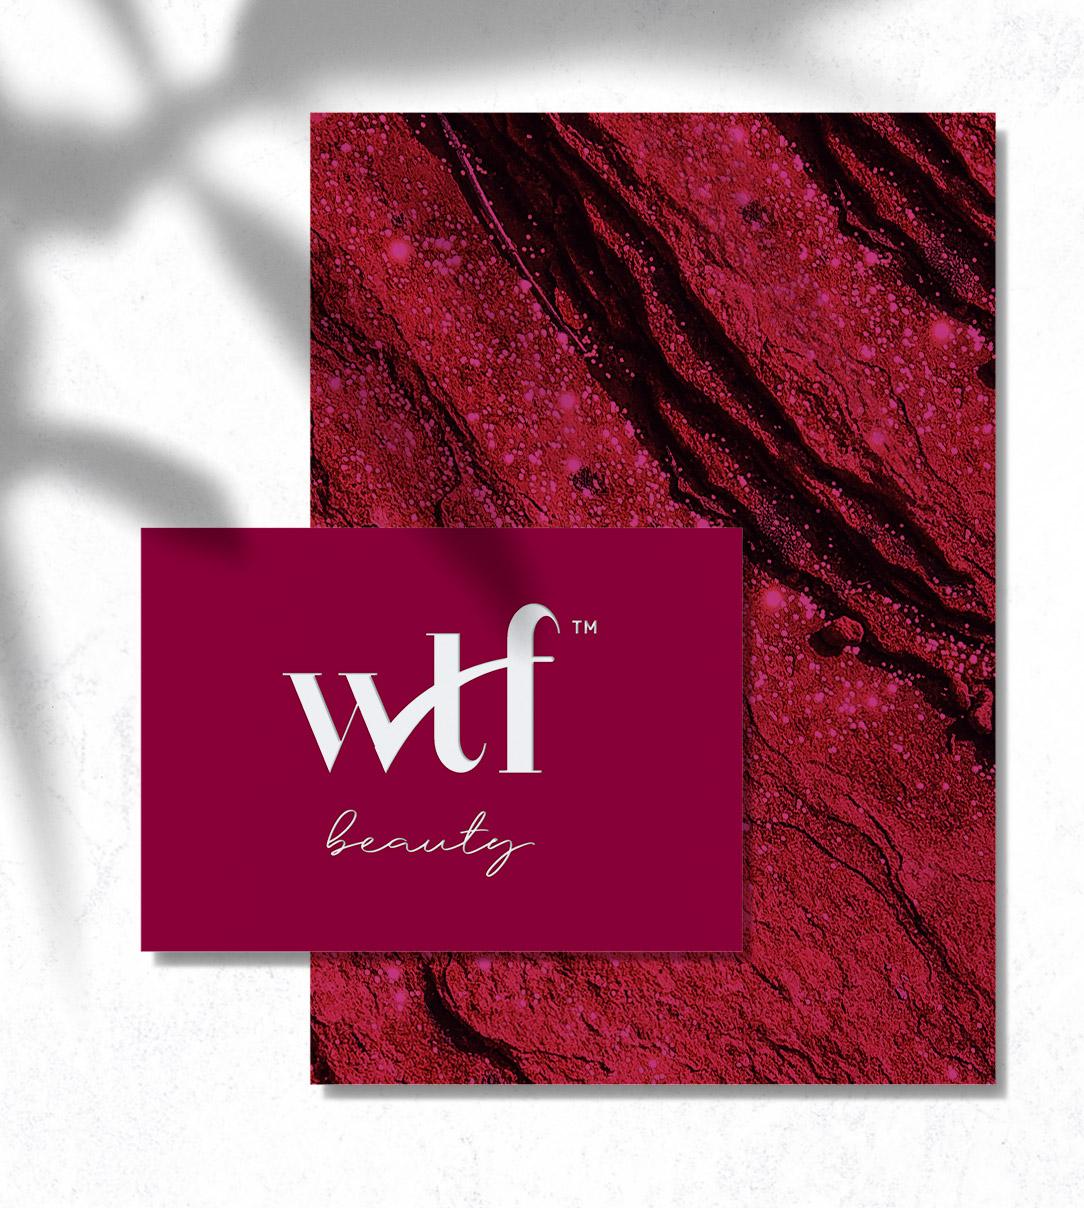 wtf_branding_mockup_mobile